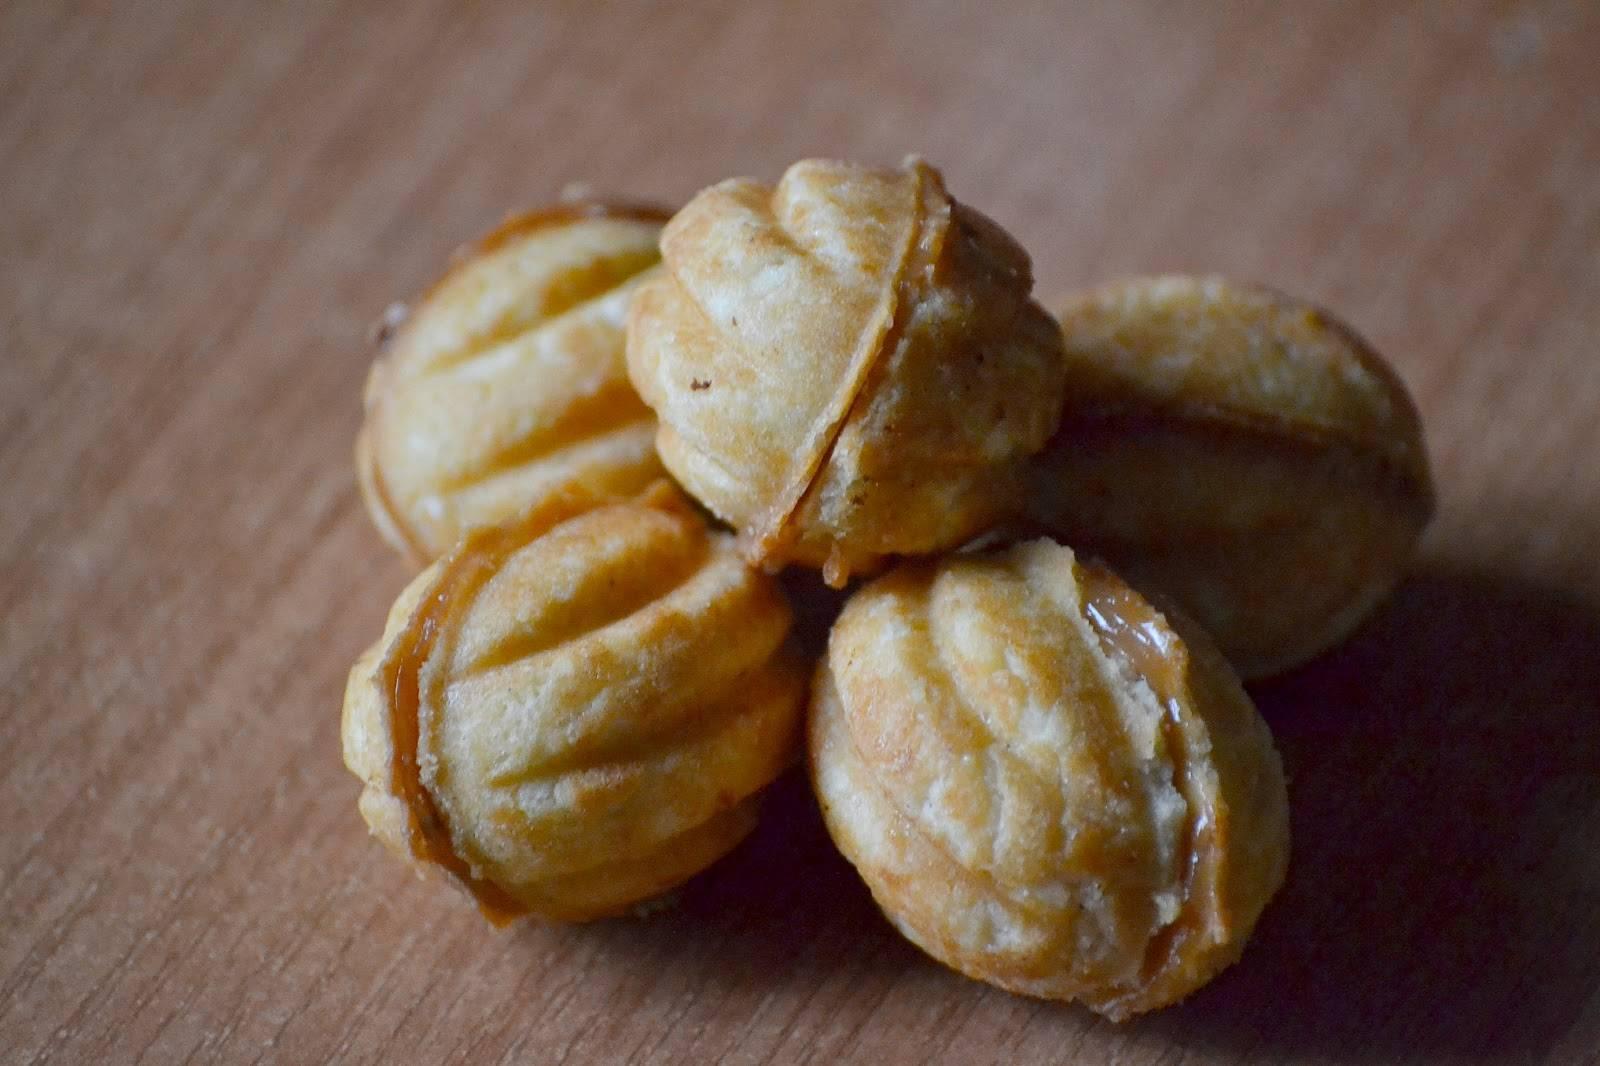 Орешки со сгущенкой в орешнице на газу рецепт с фото пошагово и видео - 1000.menu